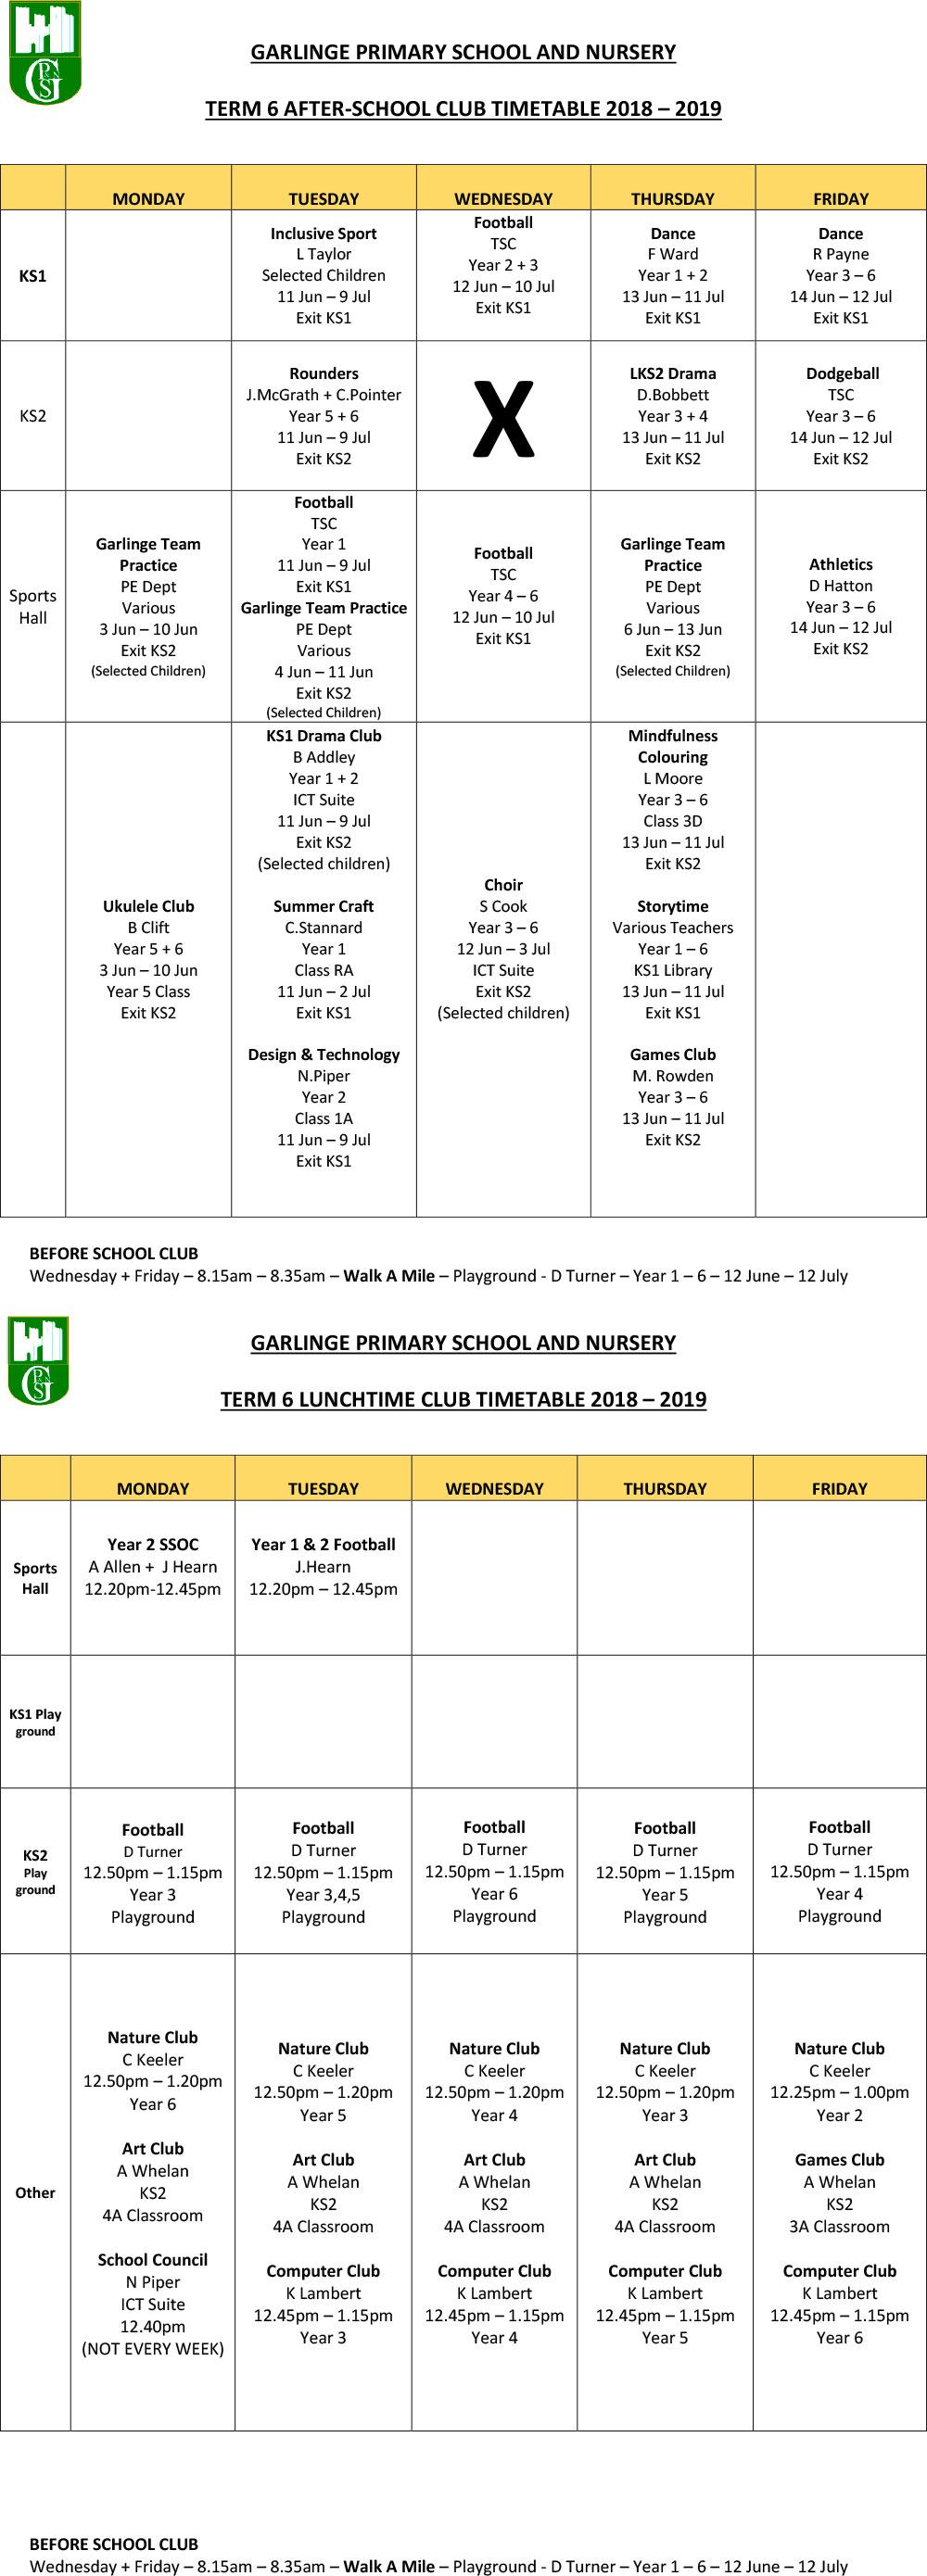 Club Timetable